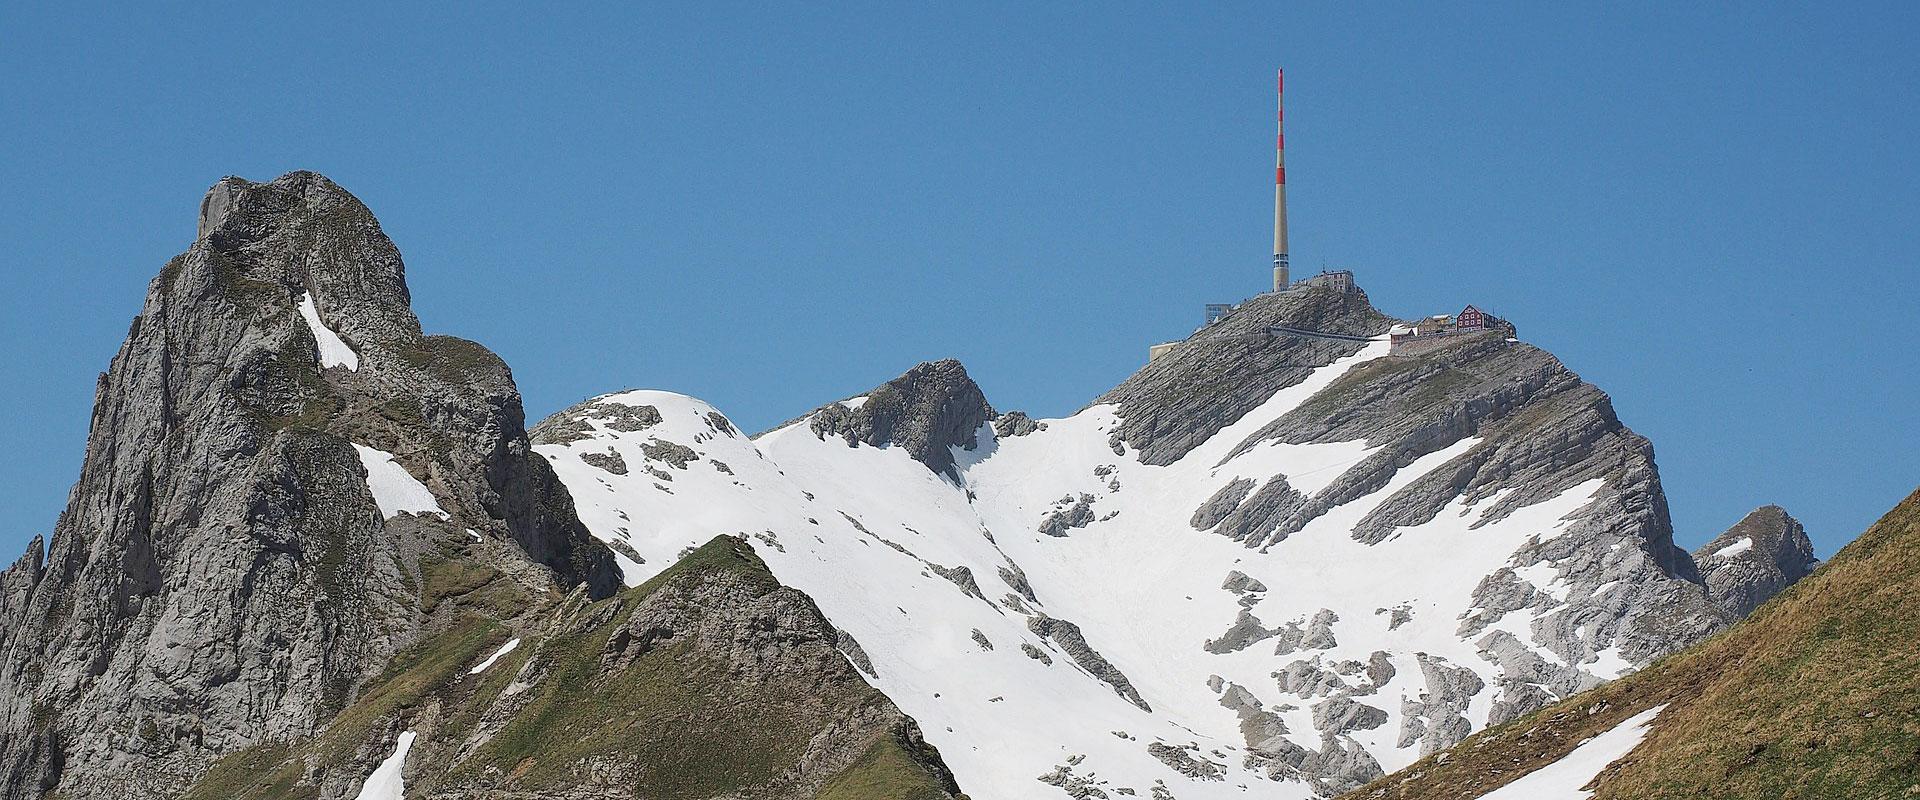 Säntis im Kanton Appenzell-Ausserrhoden